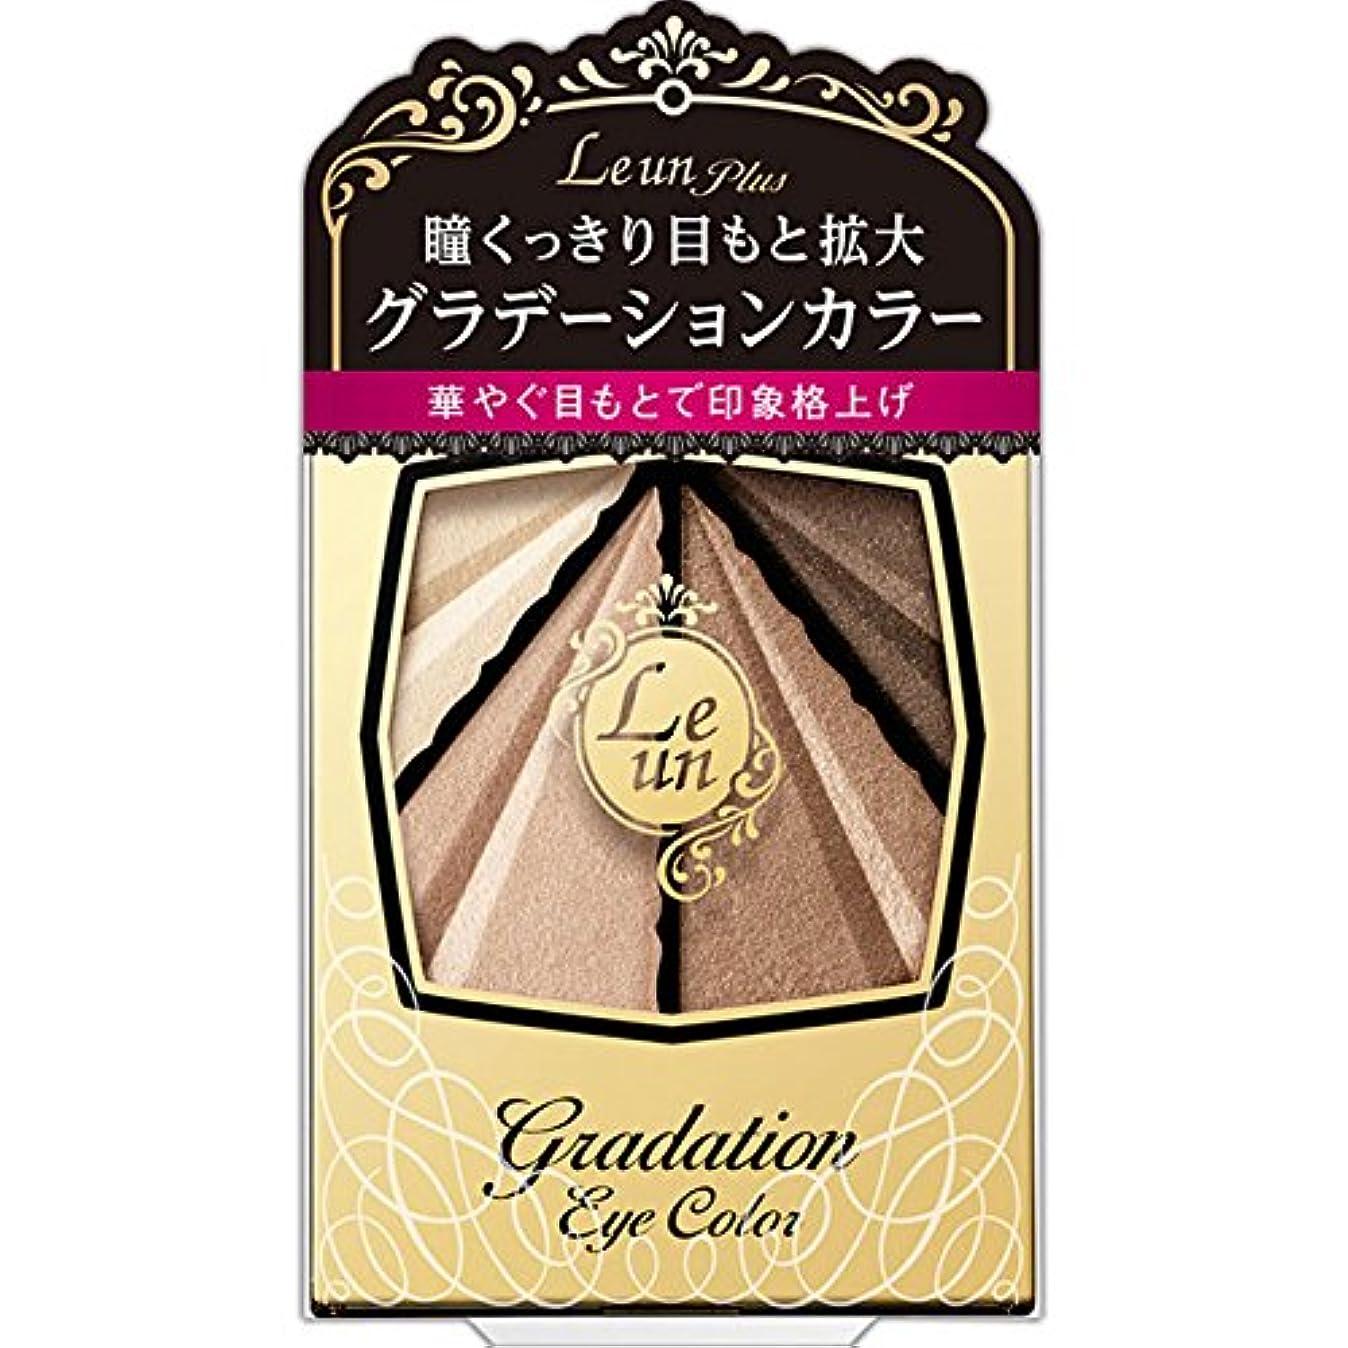 腹影響を受けやすいですルアン プリュス グラデーションアイカラー 01 ゴールドブラウン 3.4g